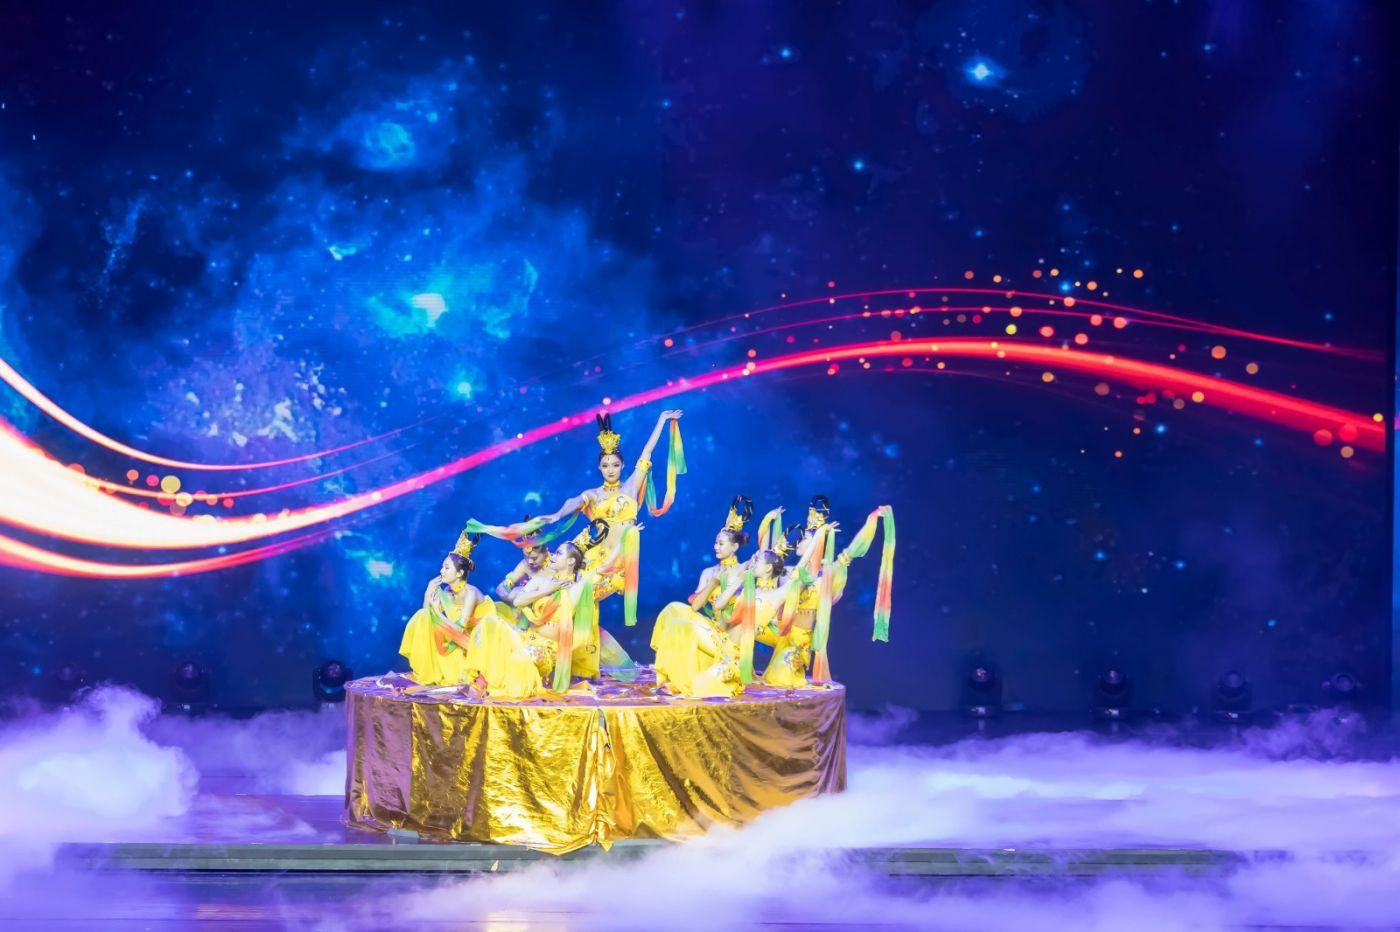 沂蒙大地上 有一种舞蹈叫飞天 这是几位临沂女孩的杰作 美轮美奂 ..._图1-1